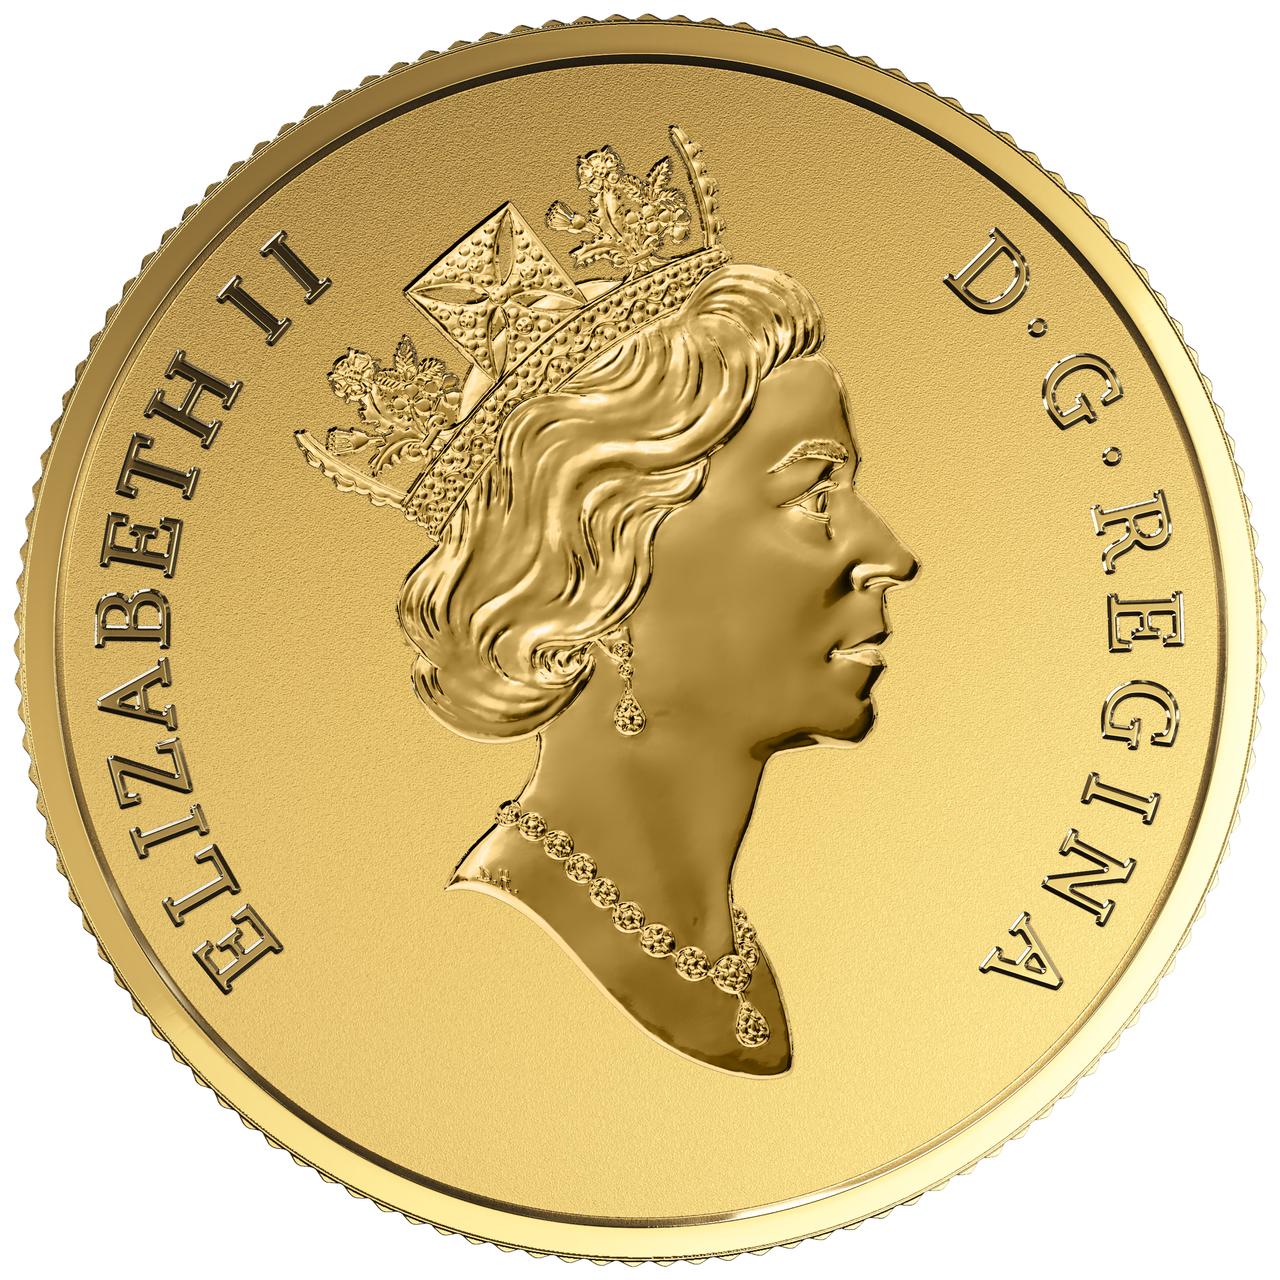 coin with queen elizabeth ii